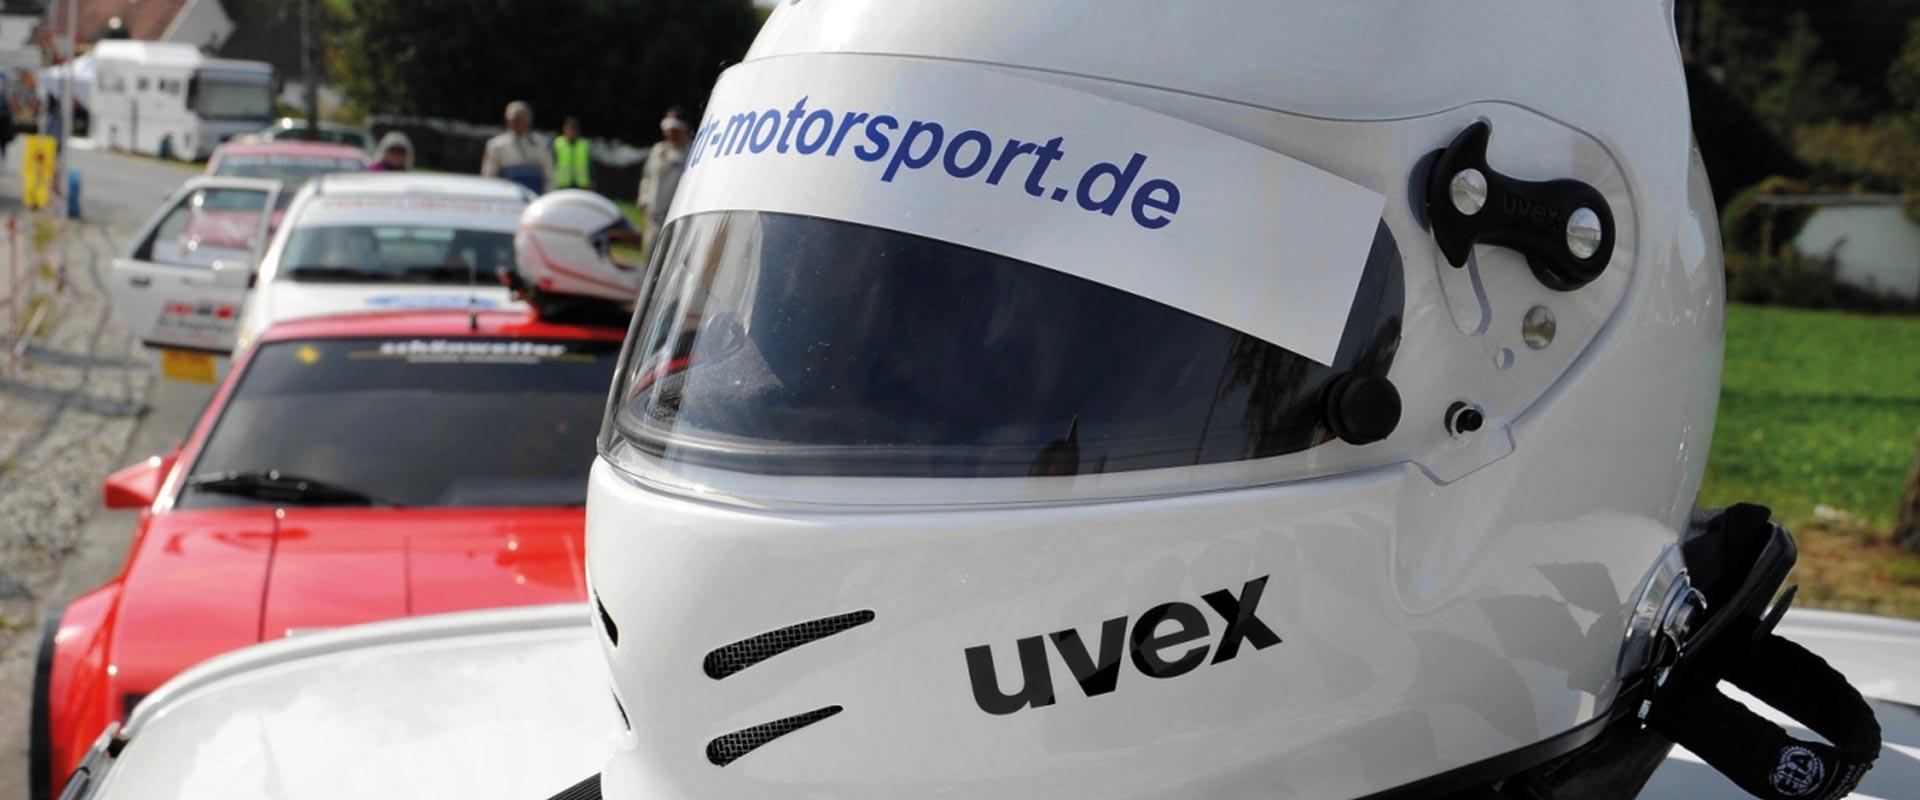 Helm von RTR Motorsport